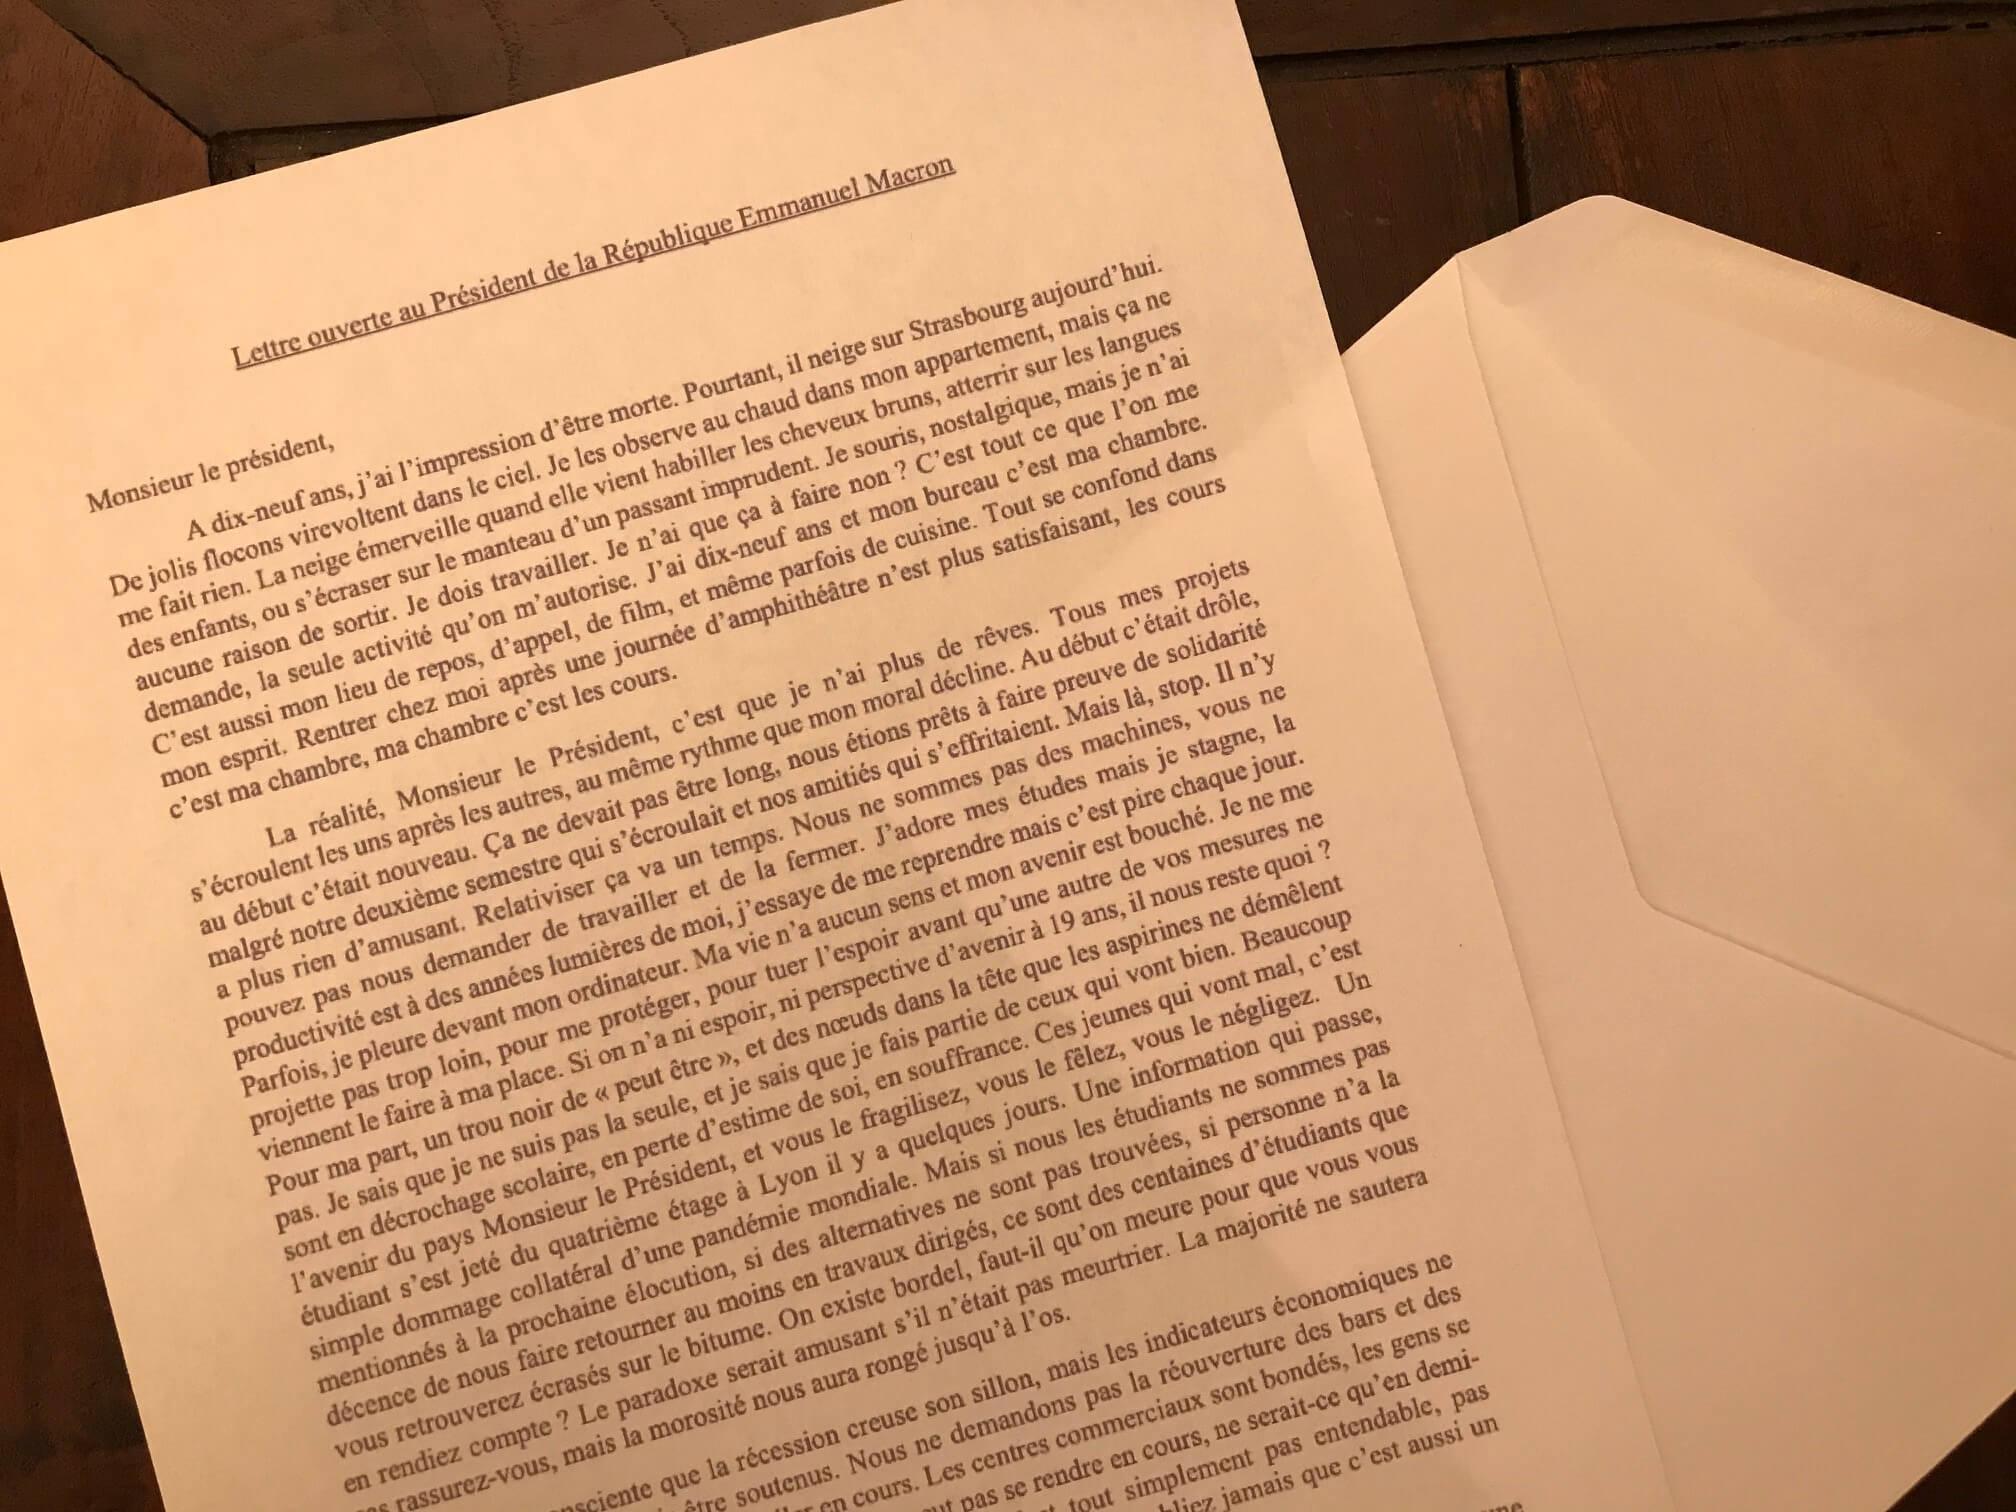 速報・パリ最新情報「19歳のハイジさんが、マクロン大統領にあてた衝撃の手紙」